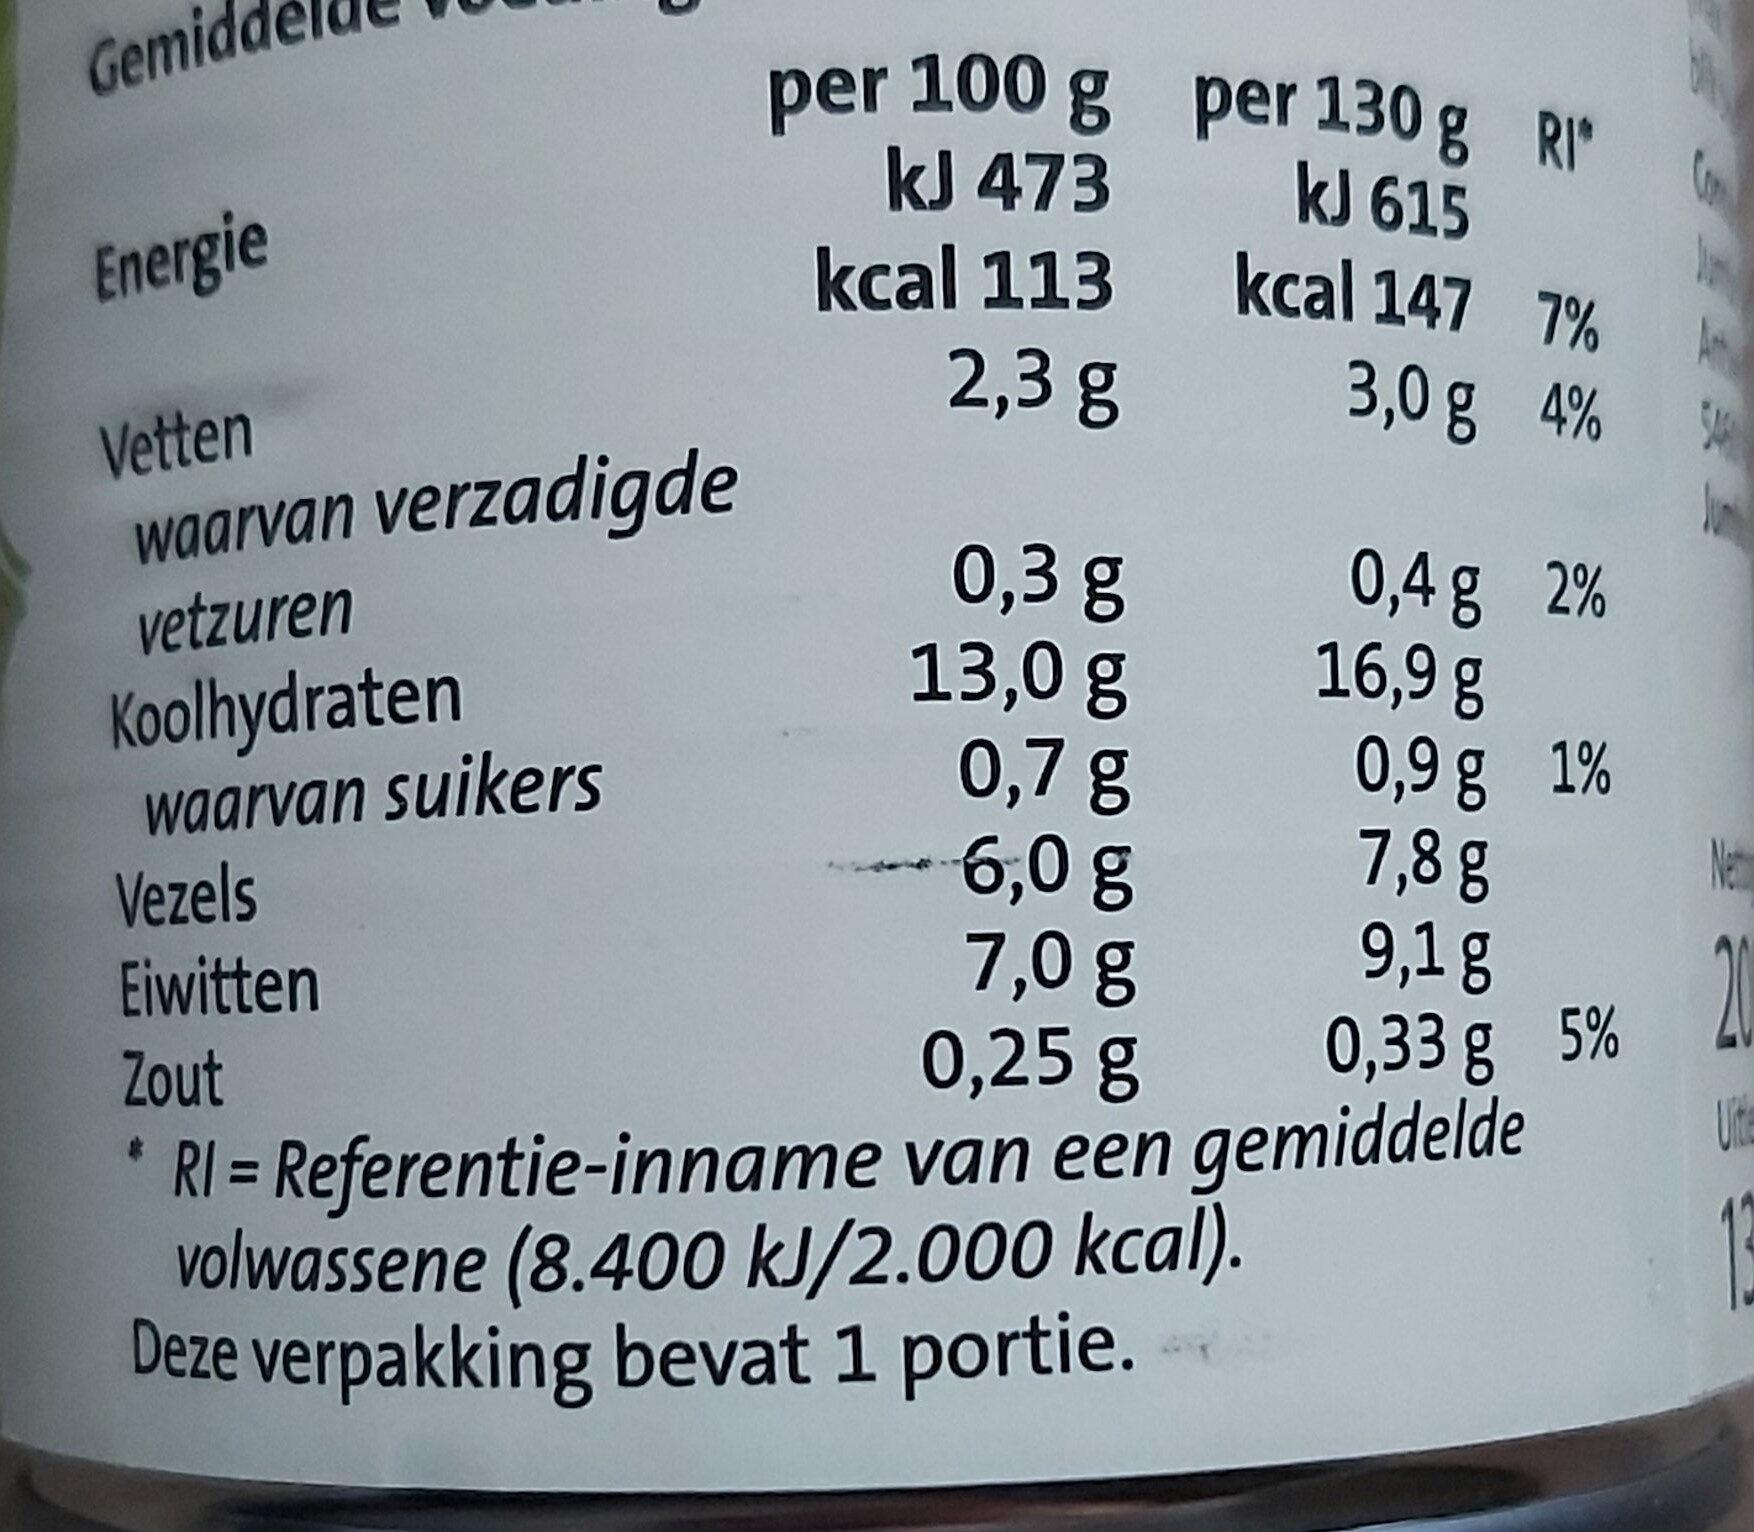 kikker erwten - Ingredients - nl